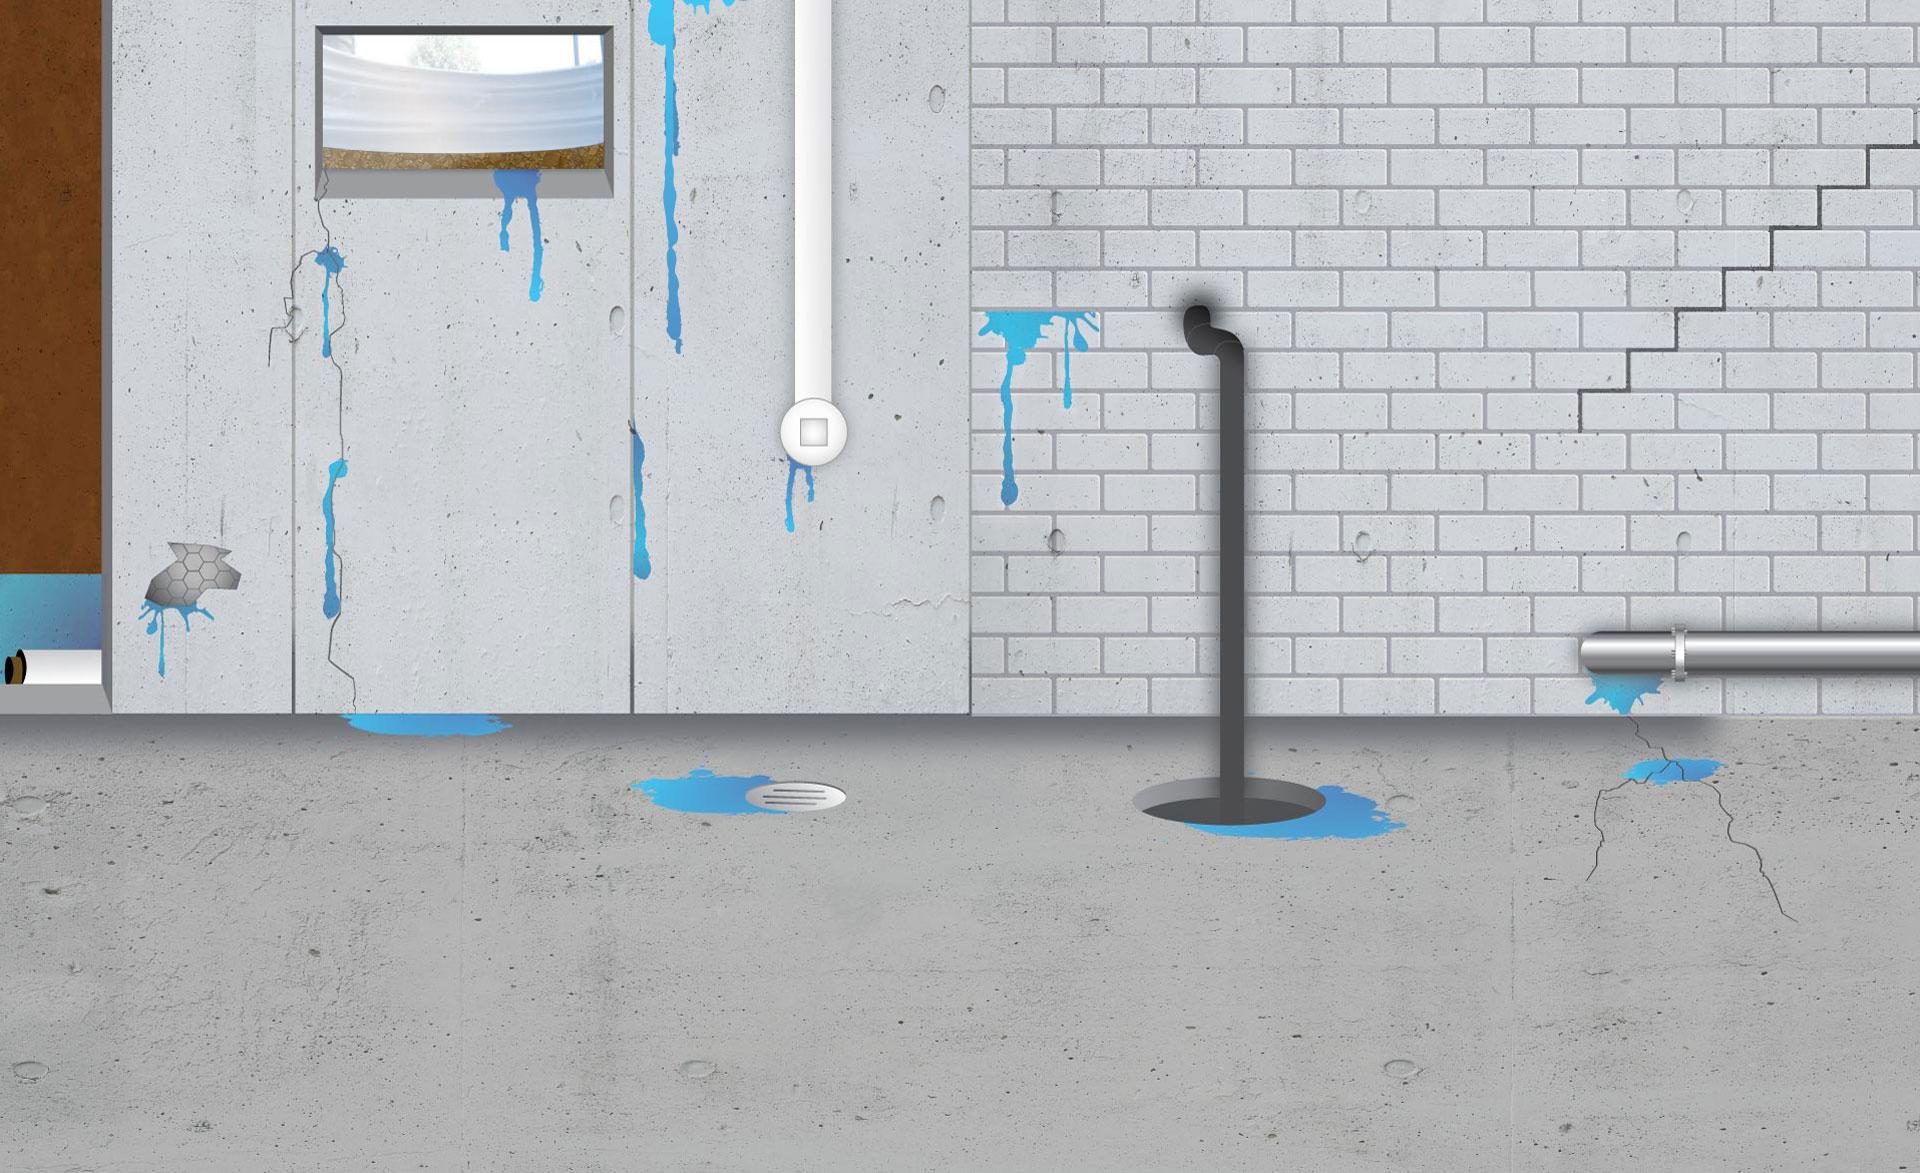 Infiltration eau sous sol maison ventana blog for Infiltration eau garage sous sol